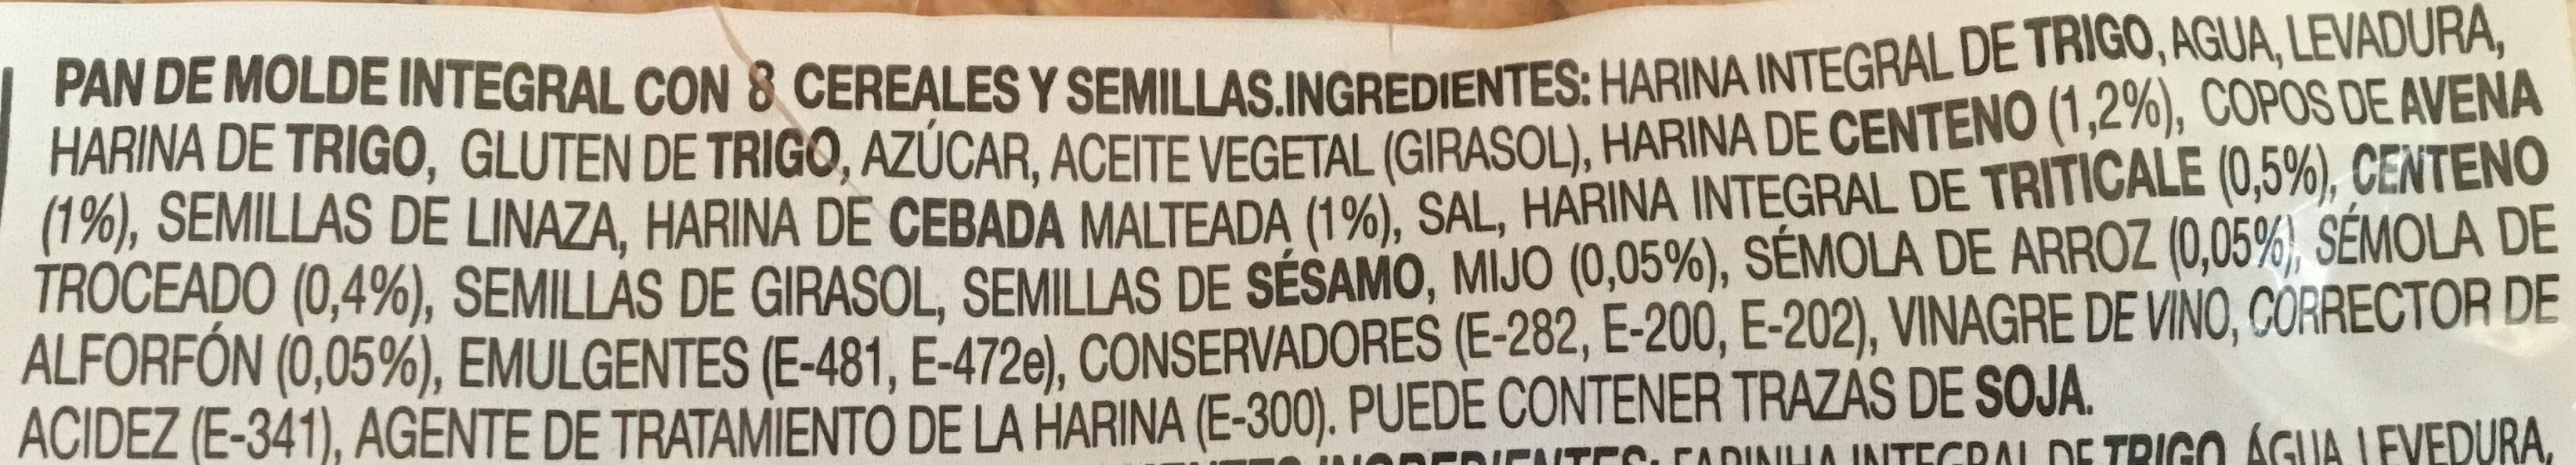 Silueta pan de molde integral cereales completo - Ingredientes - es